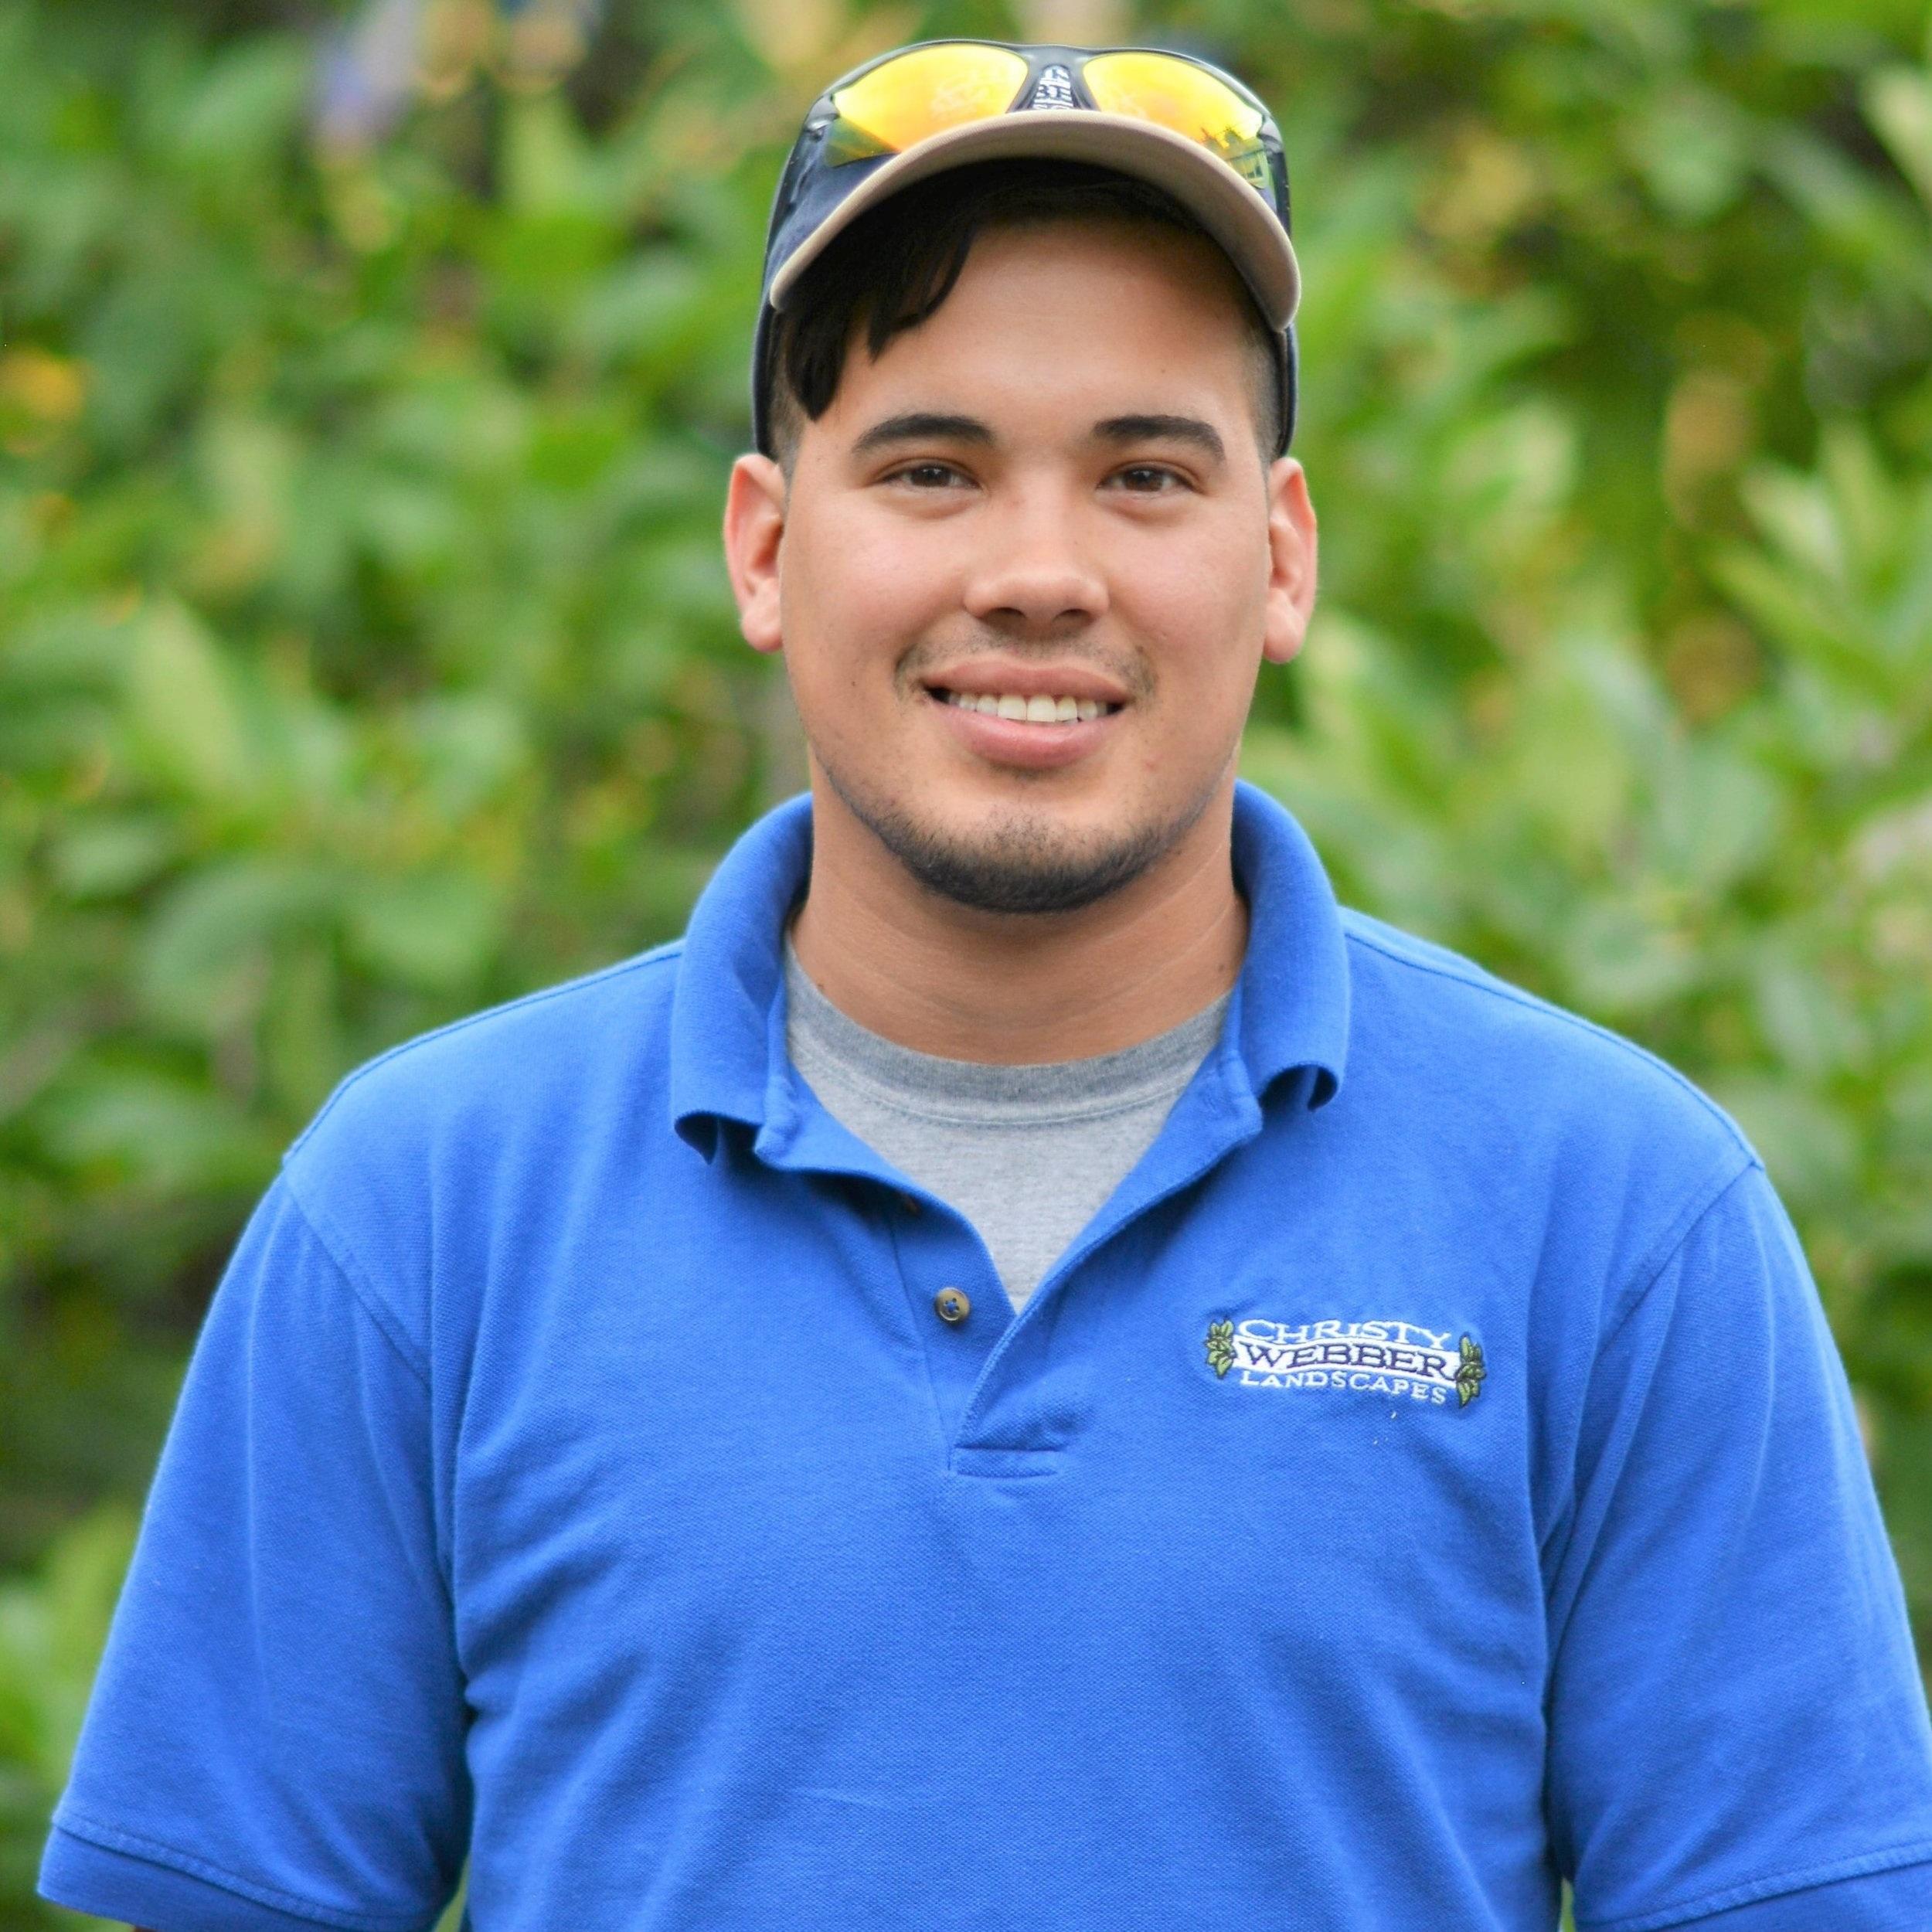 ROSENDO VITELA  Field Supervisor       rosendo.vitela@christywebber.com